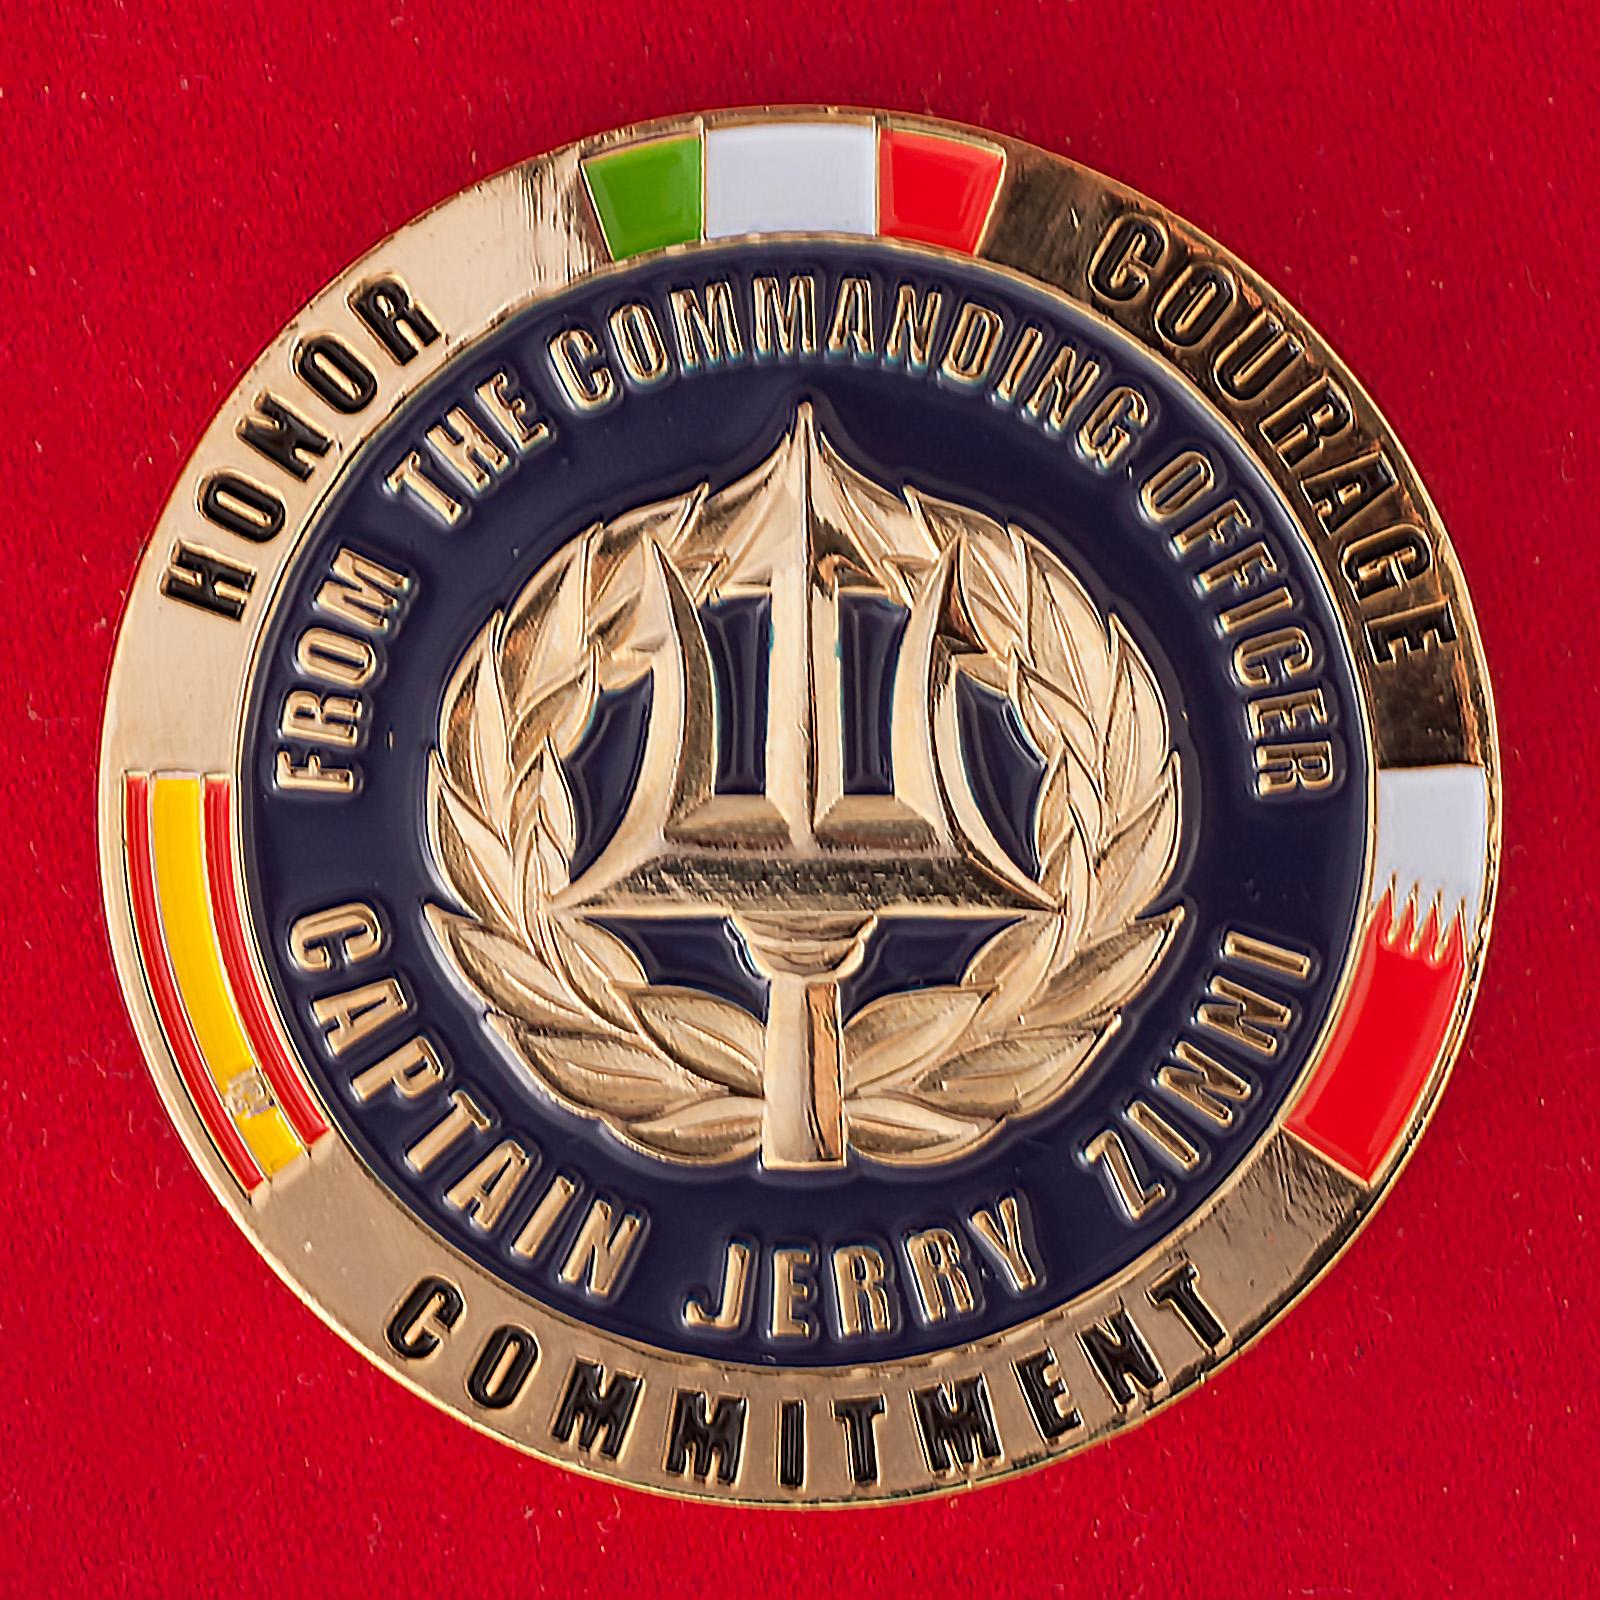 Челлендж коин Технического центра передового развертывания ВМС Италии и Испании в Бахрейне